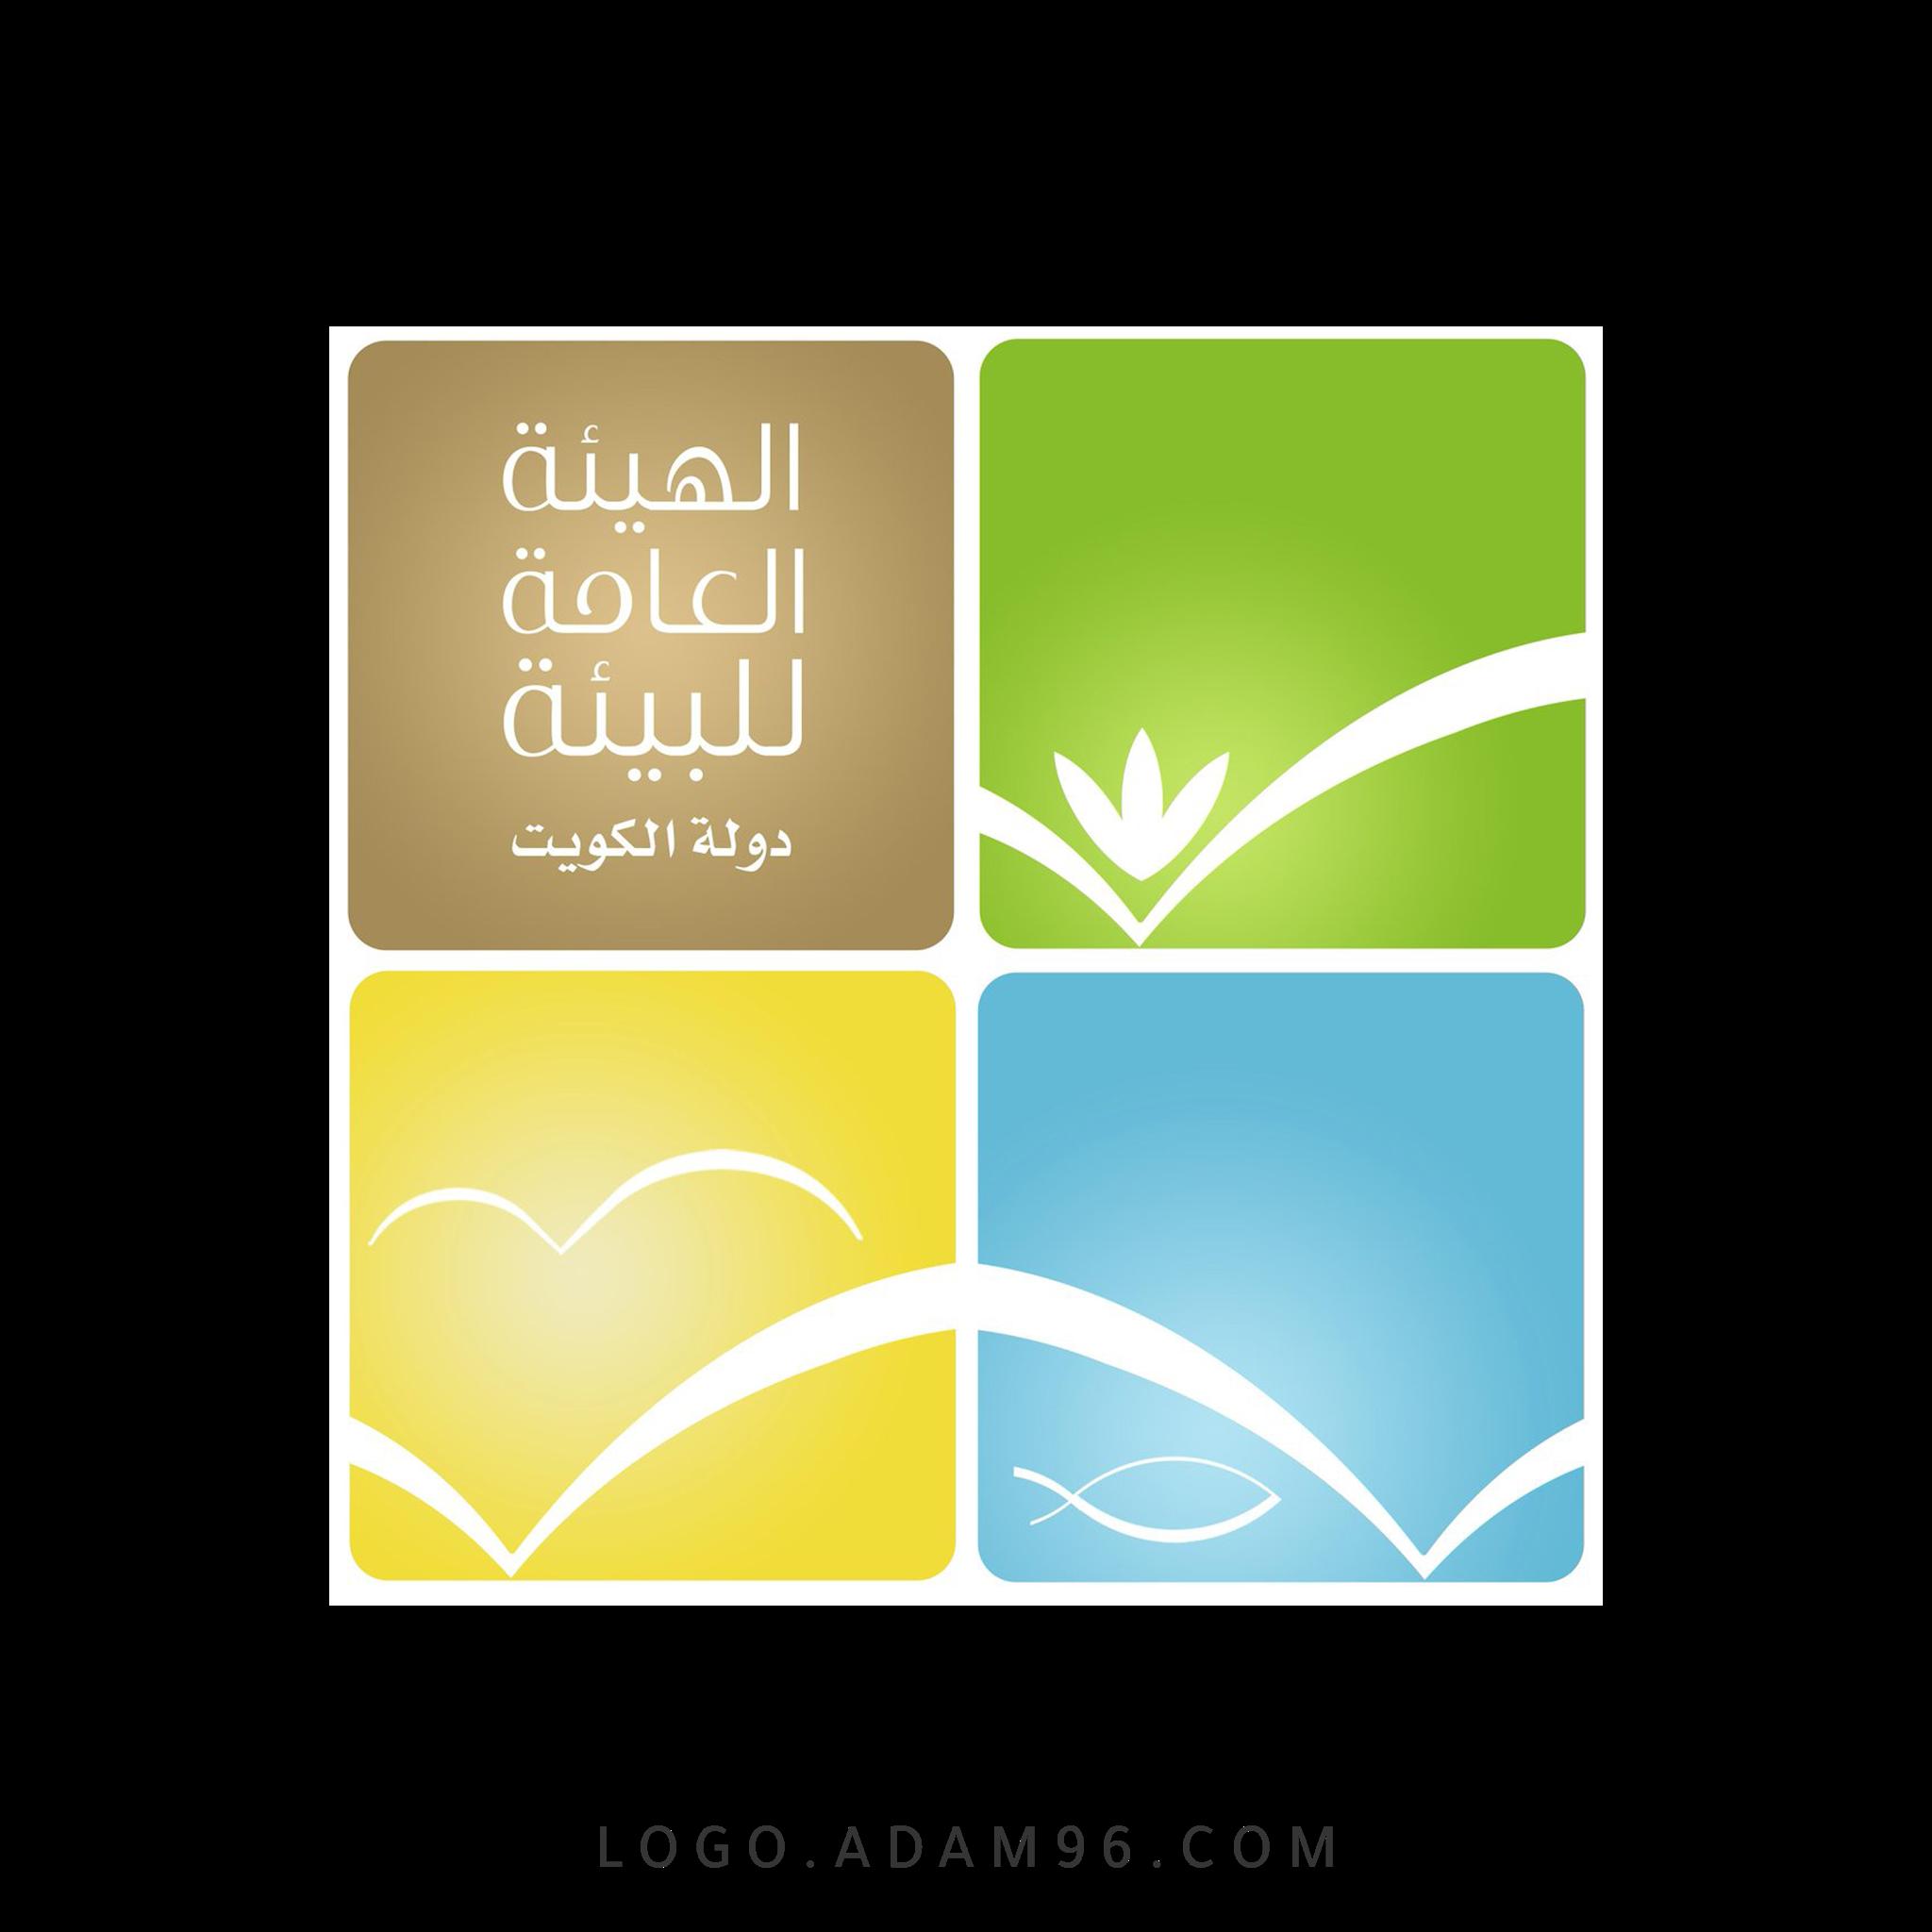 تحميل شعار الهيئة العامة للبيئة دولة الكويت لوجو رسمي بصيغة شفافة PNG